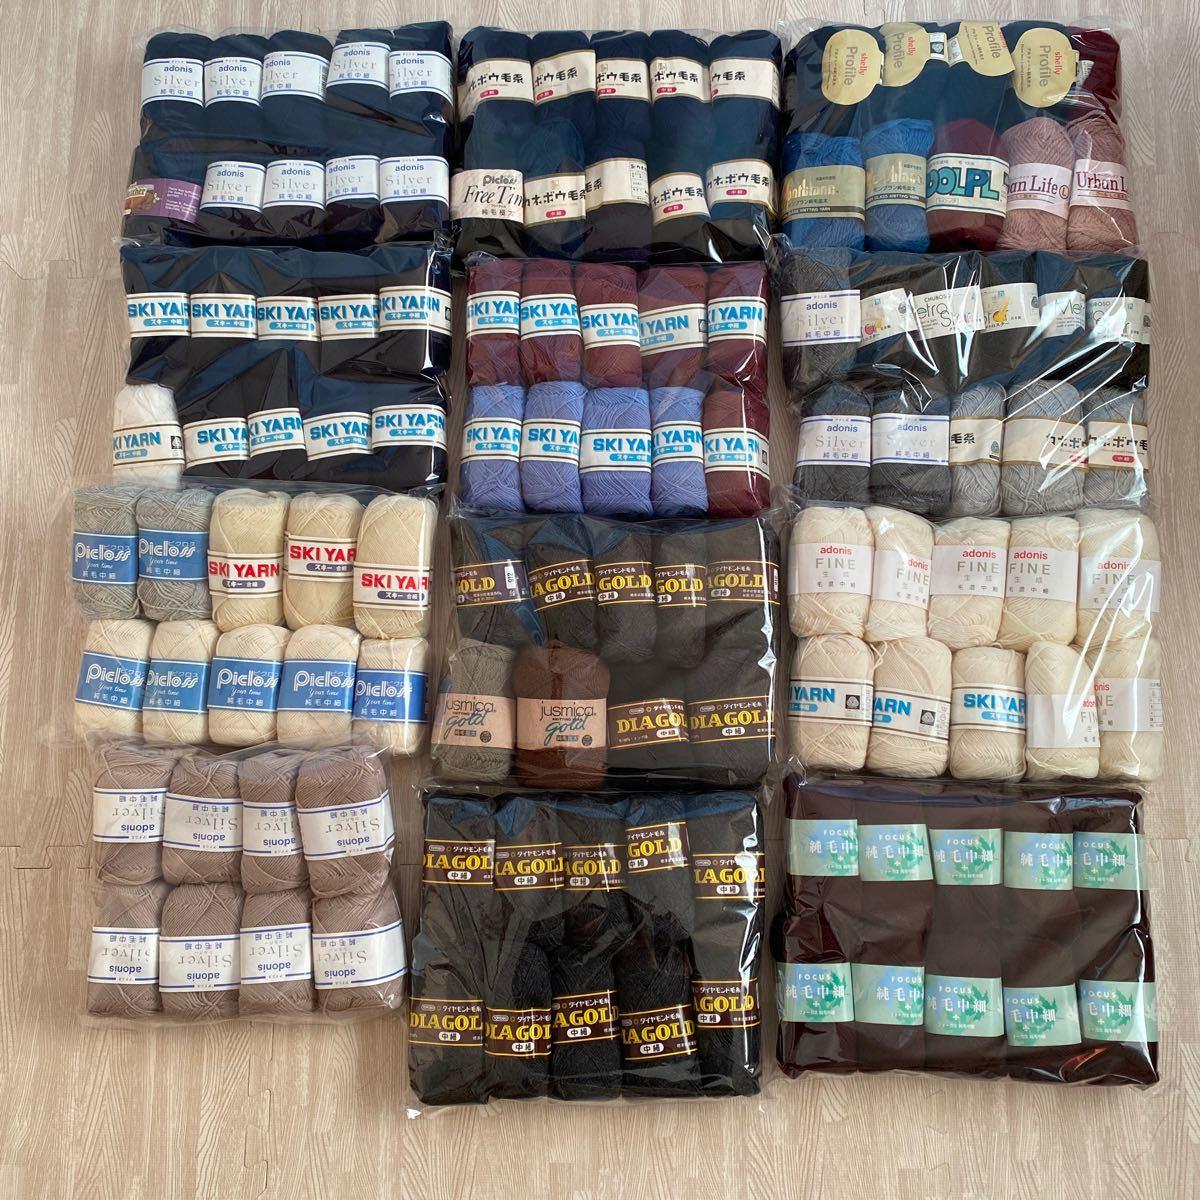 毛糸 大量(約110玉)ダイヤモンド スキー アドニス 毛100% 未使用 毛糸まとめて 1円スタート